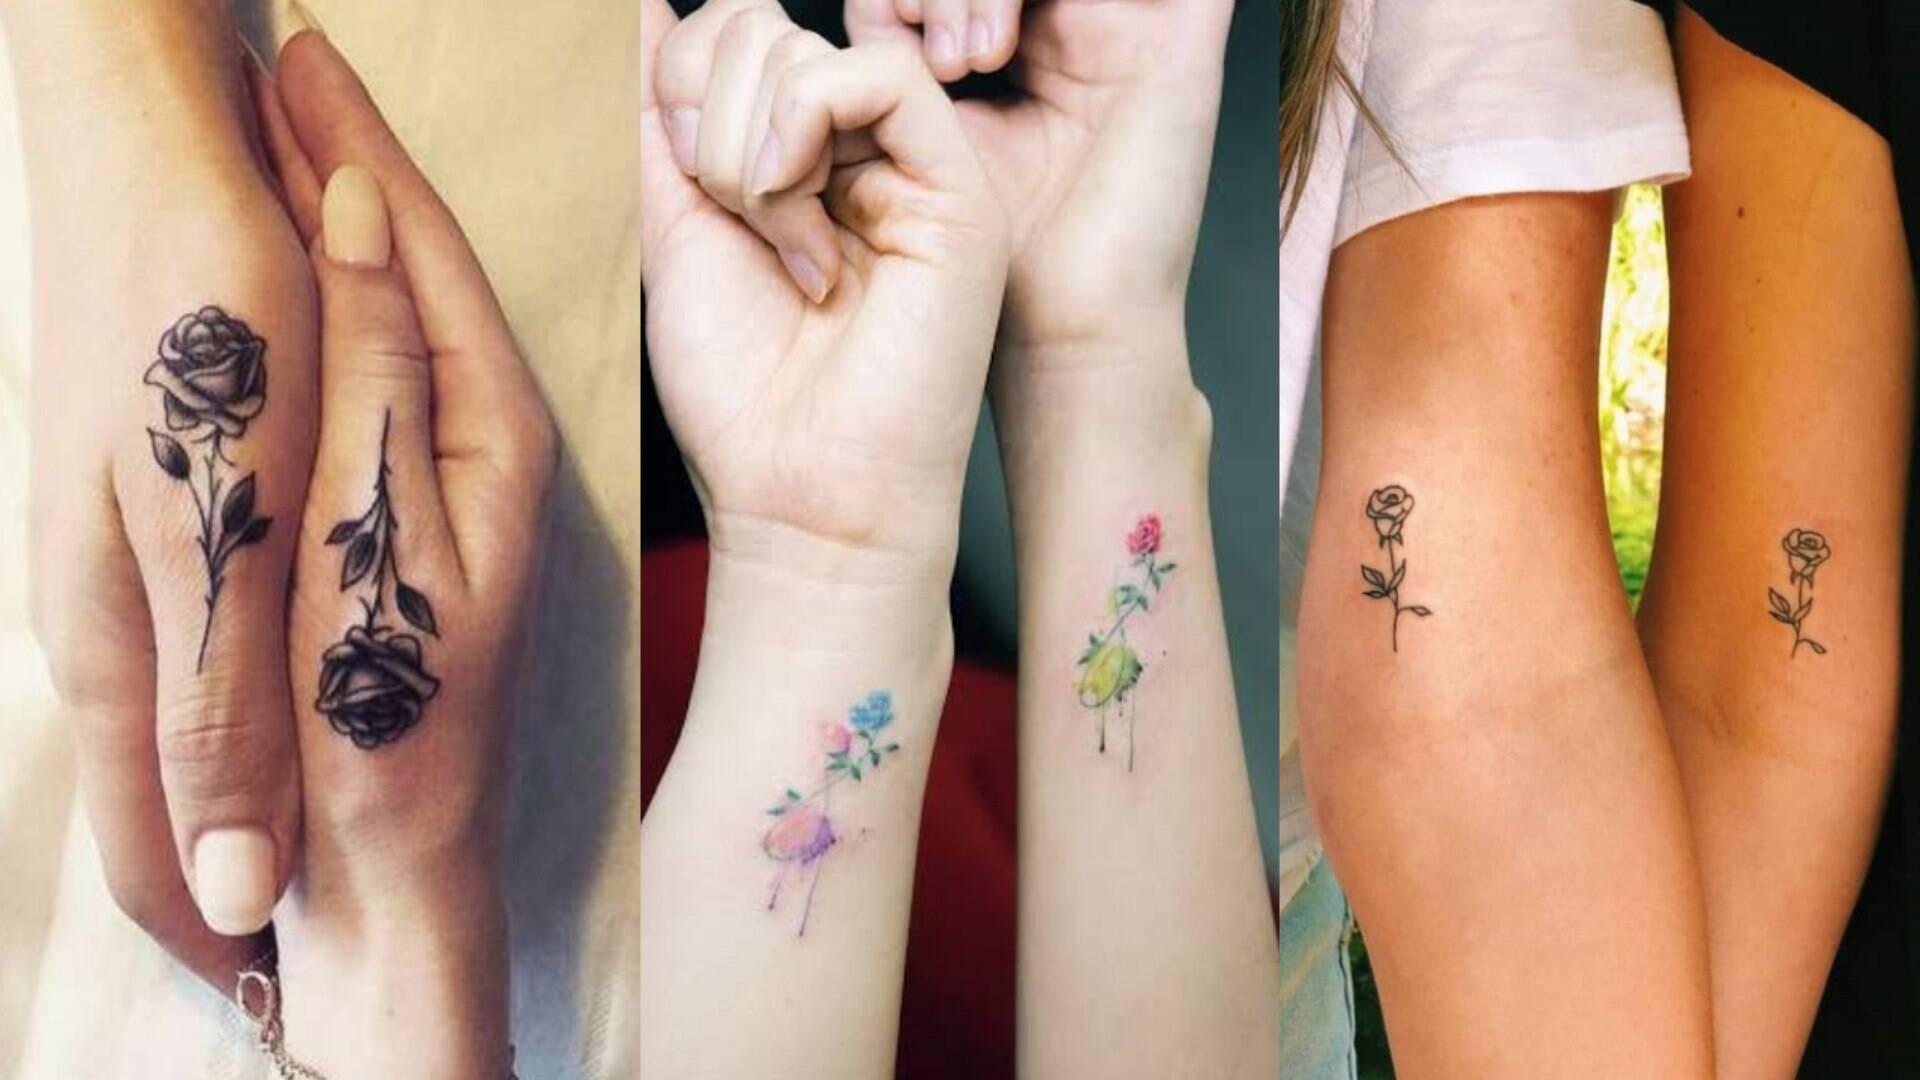 10 Ideias De Tatuagem Do Pinterest Para Fazer Junto Com As